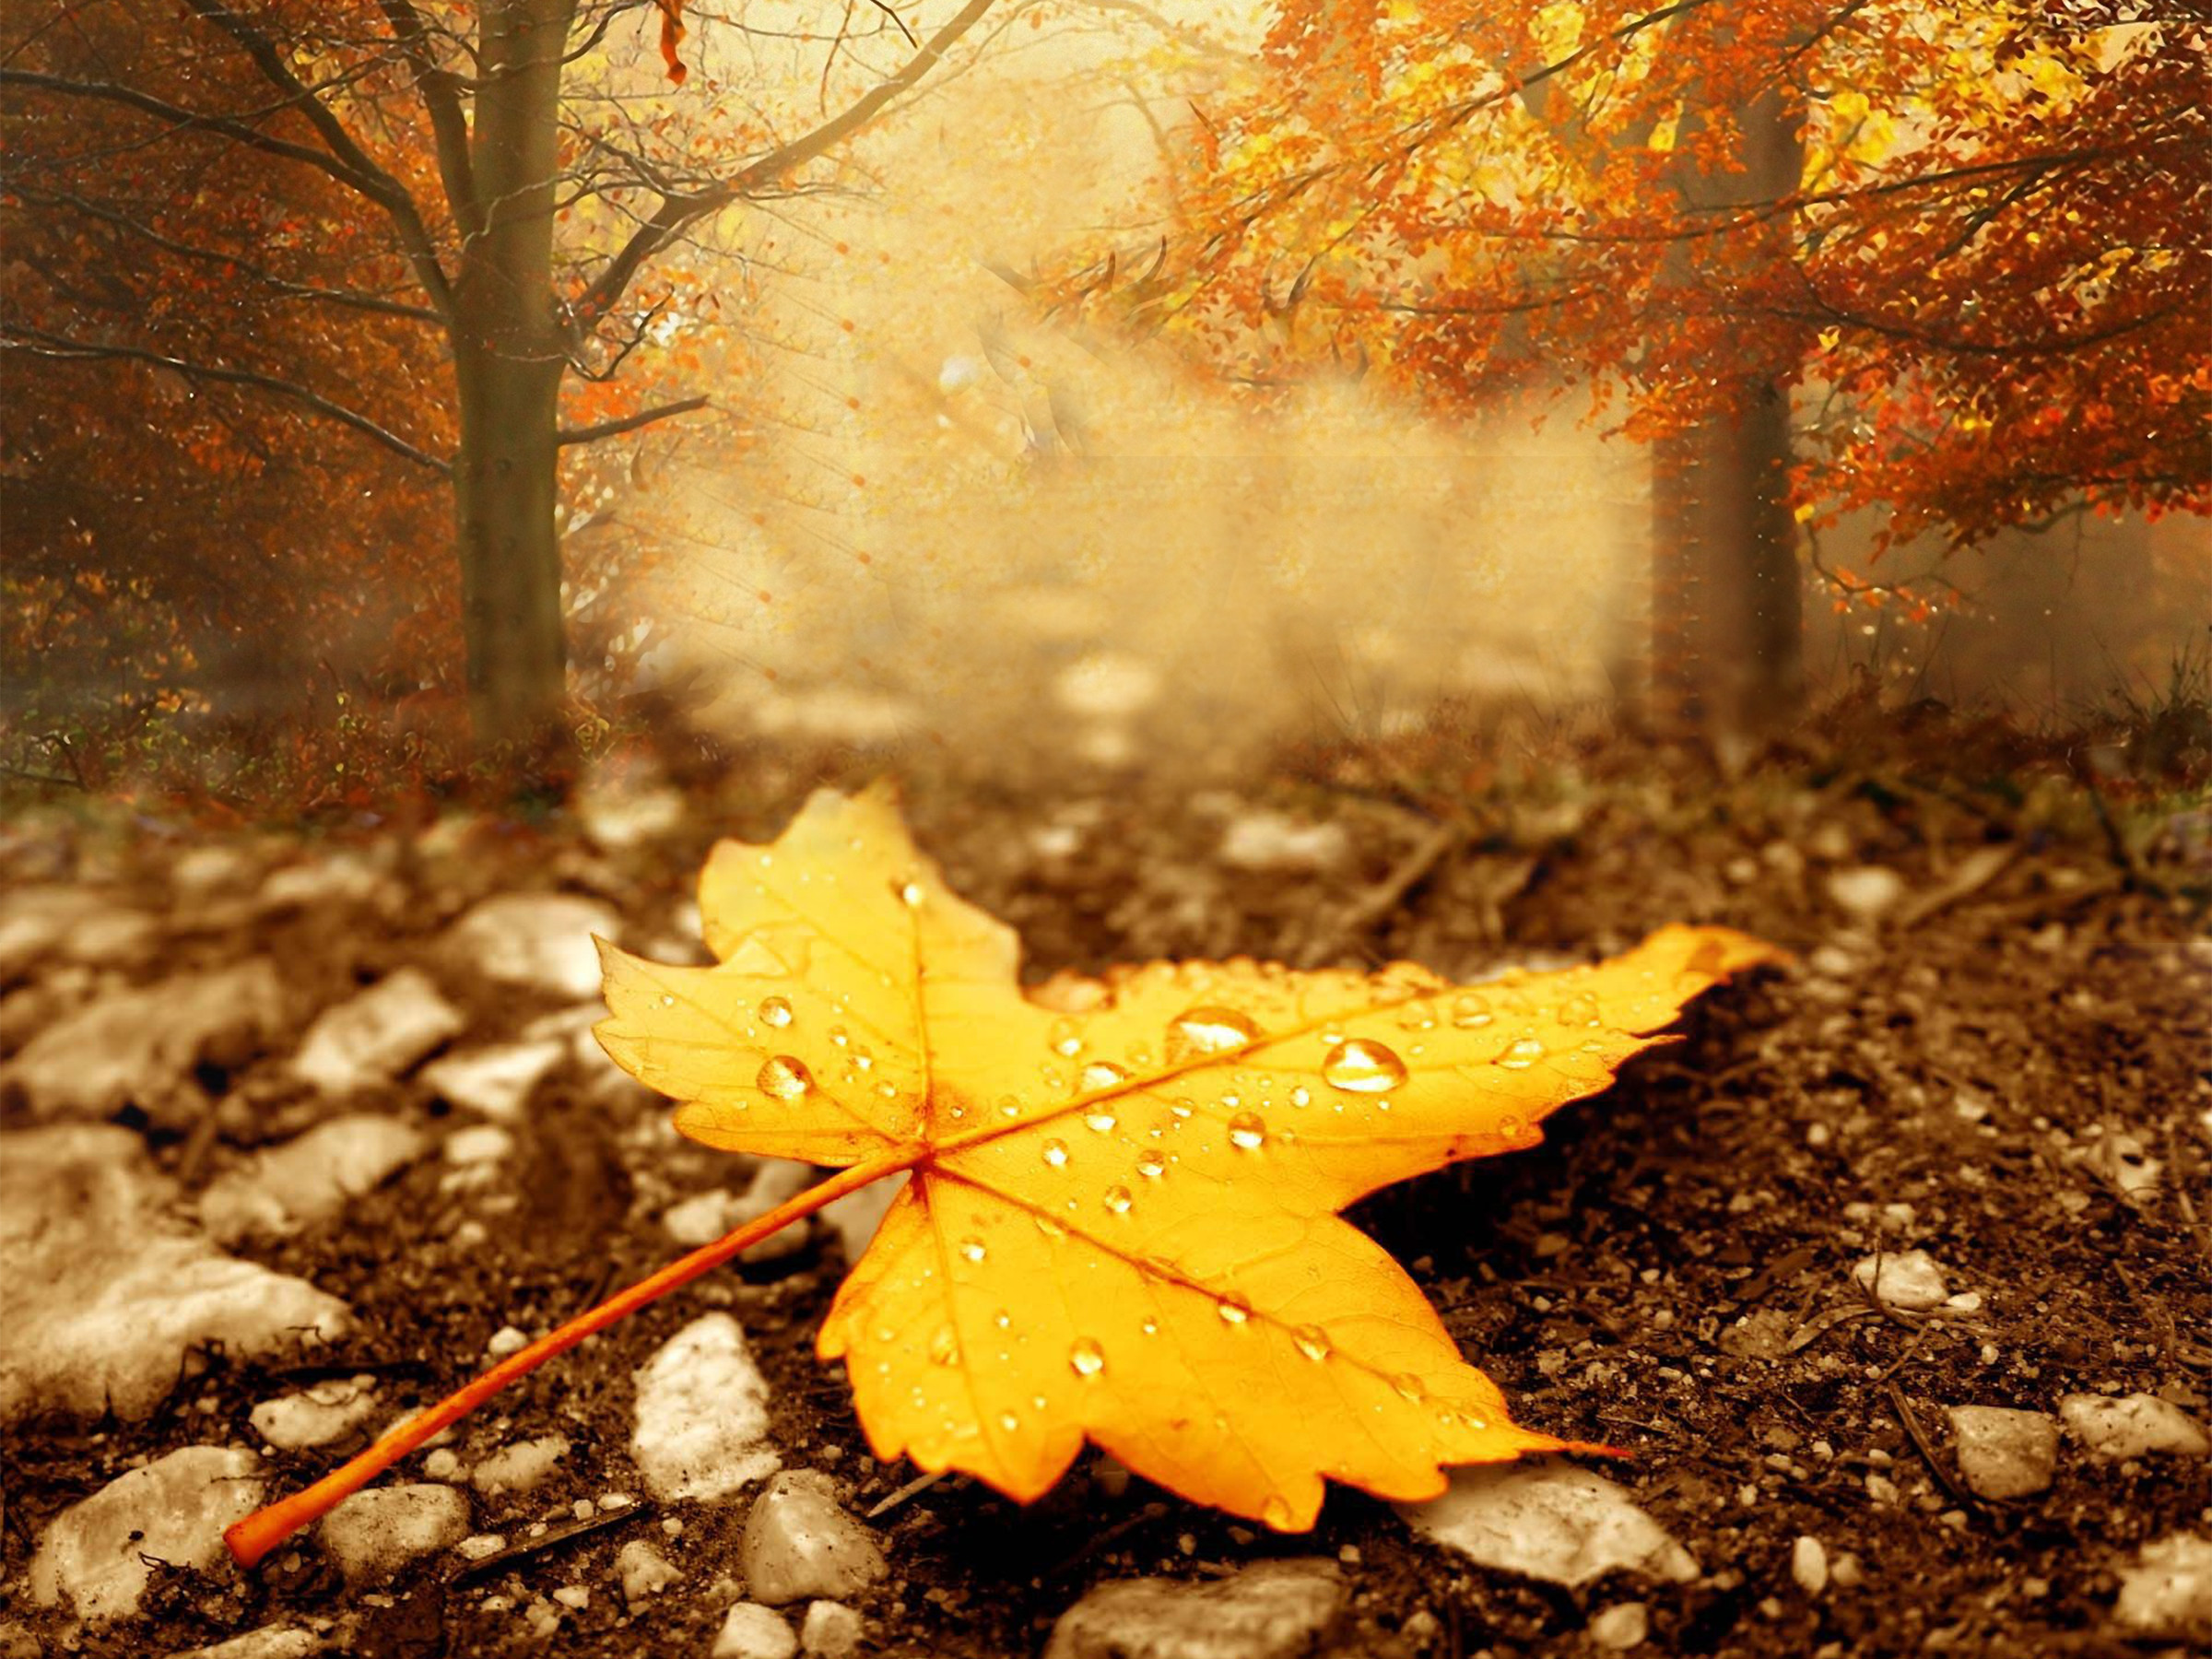 1920x1200 Free Desktop Wallpaper Fall Season